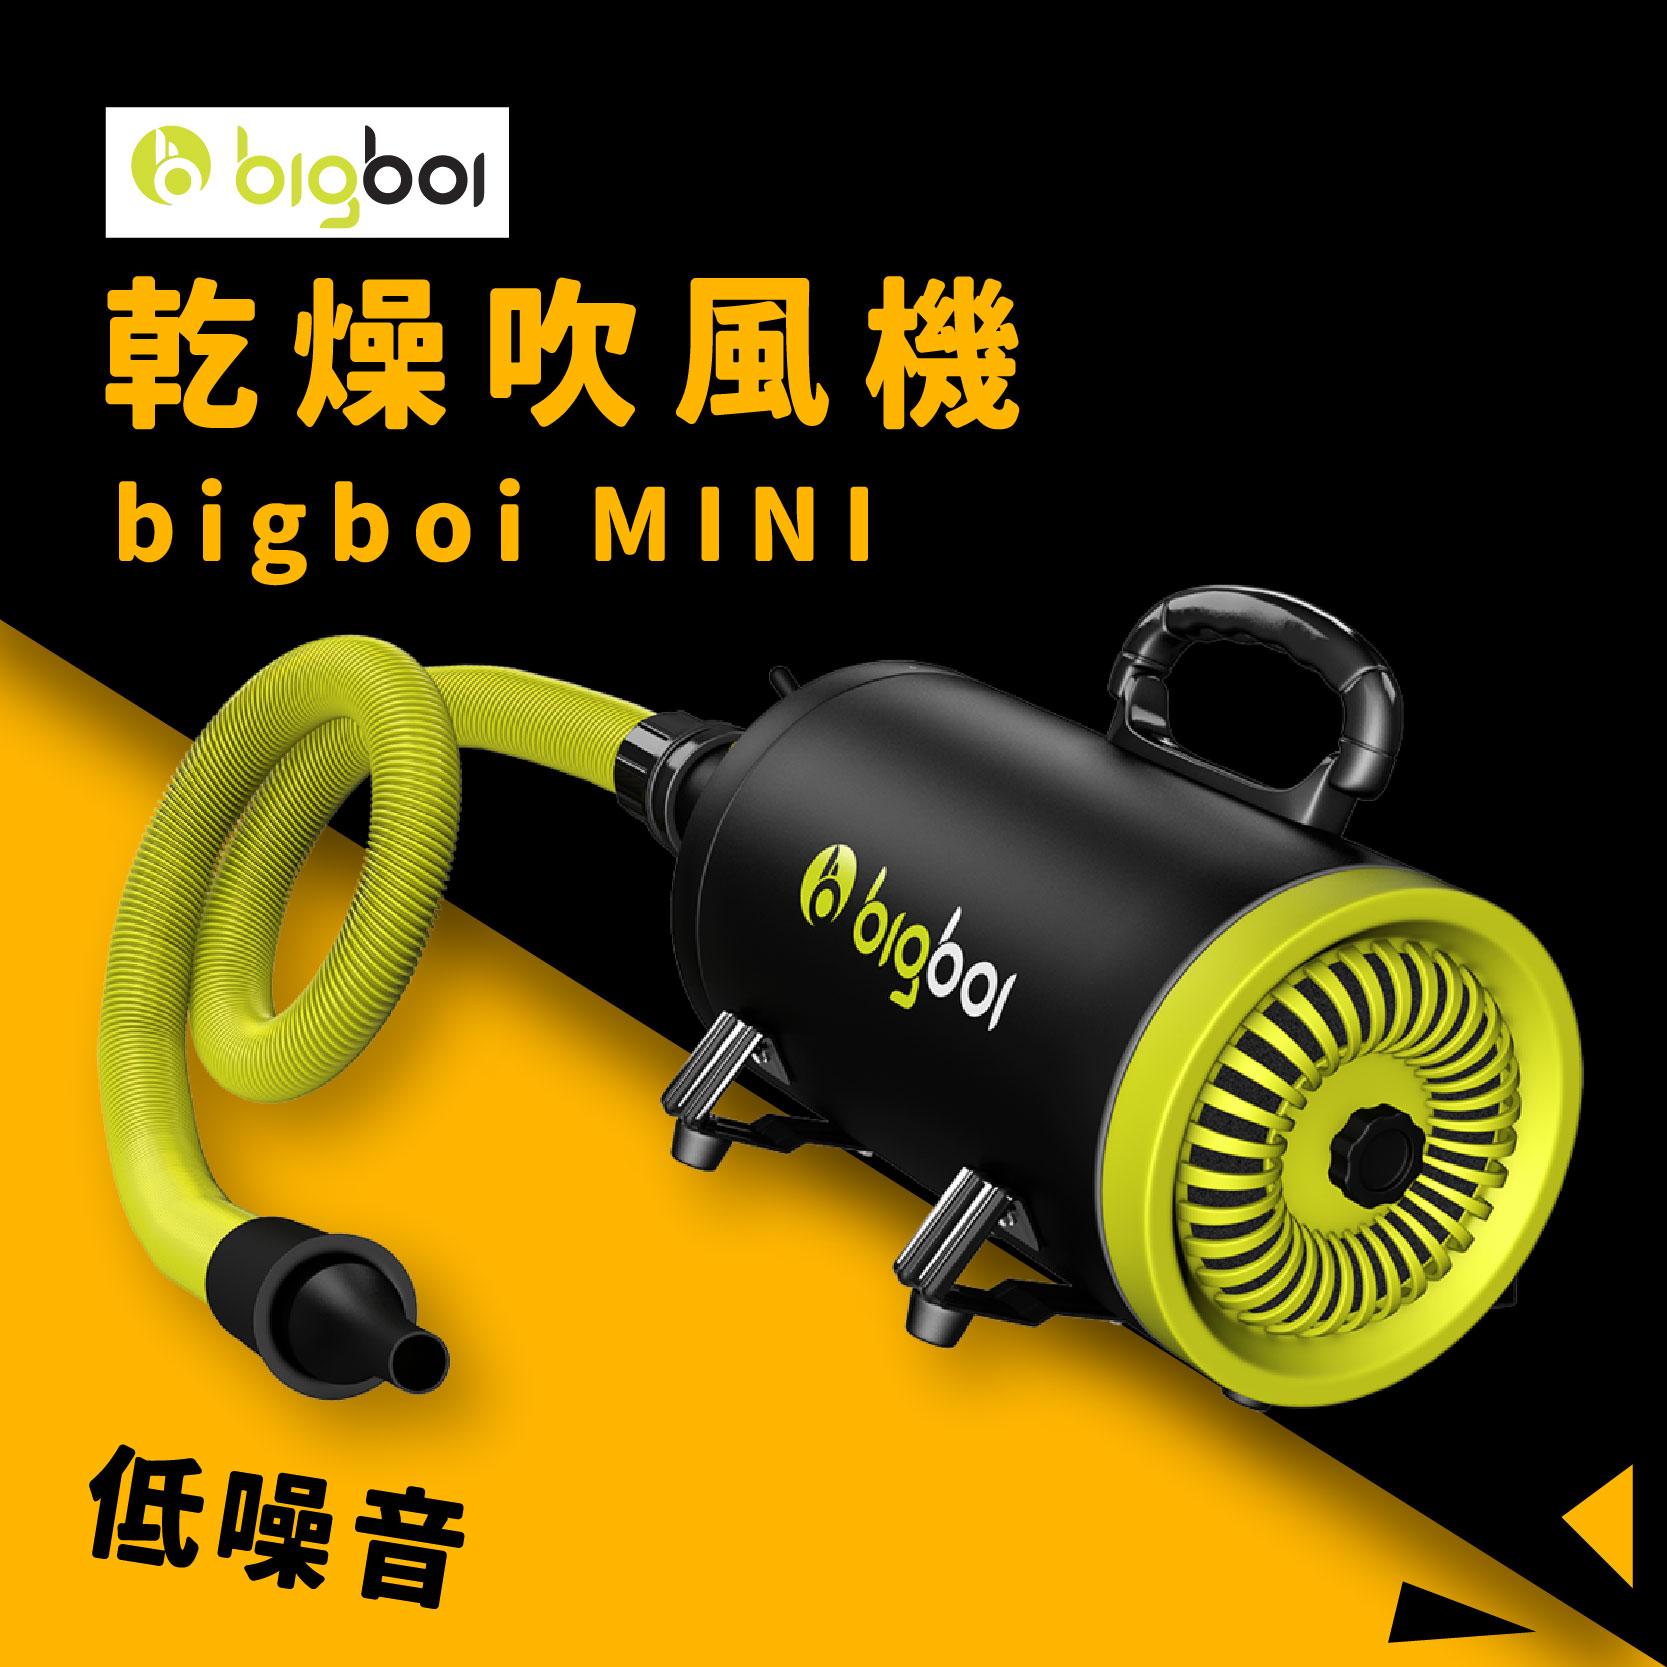 澳洲原裝進口│bigboi MINI 單馬達乾燥吹風機 低噪音 大風力 大風速 恆溫設計 寵物 兩段溫控